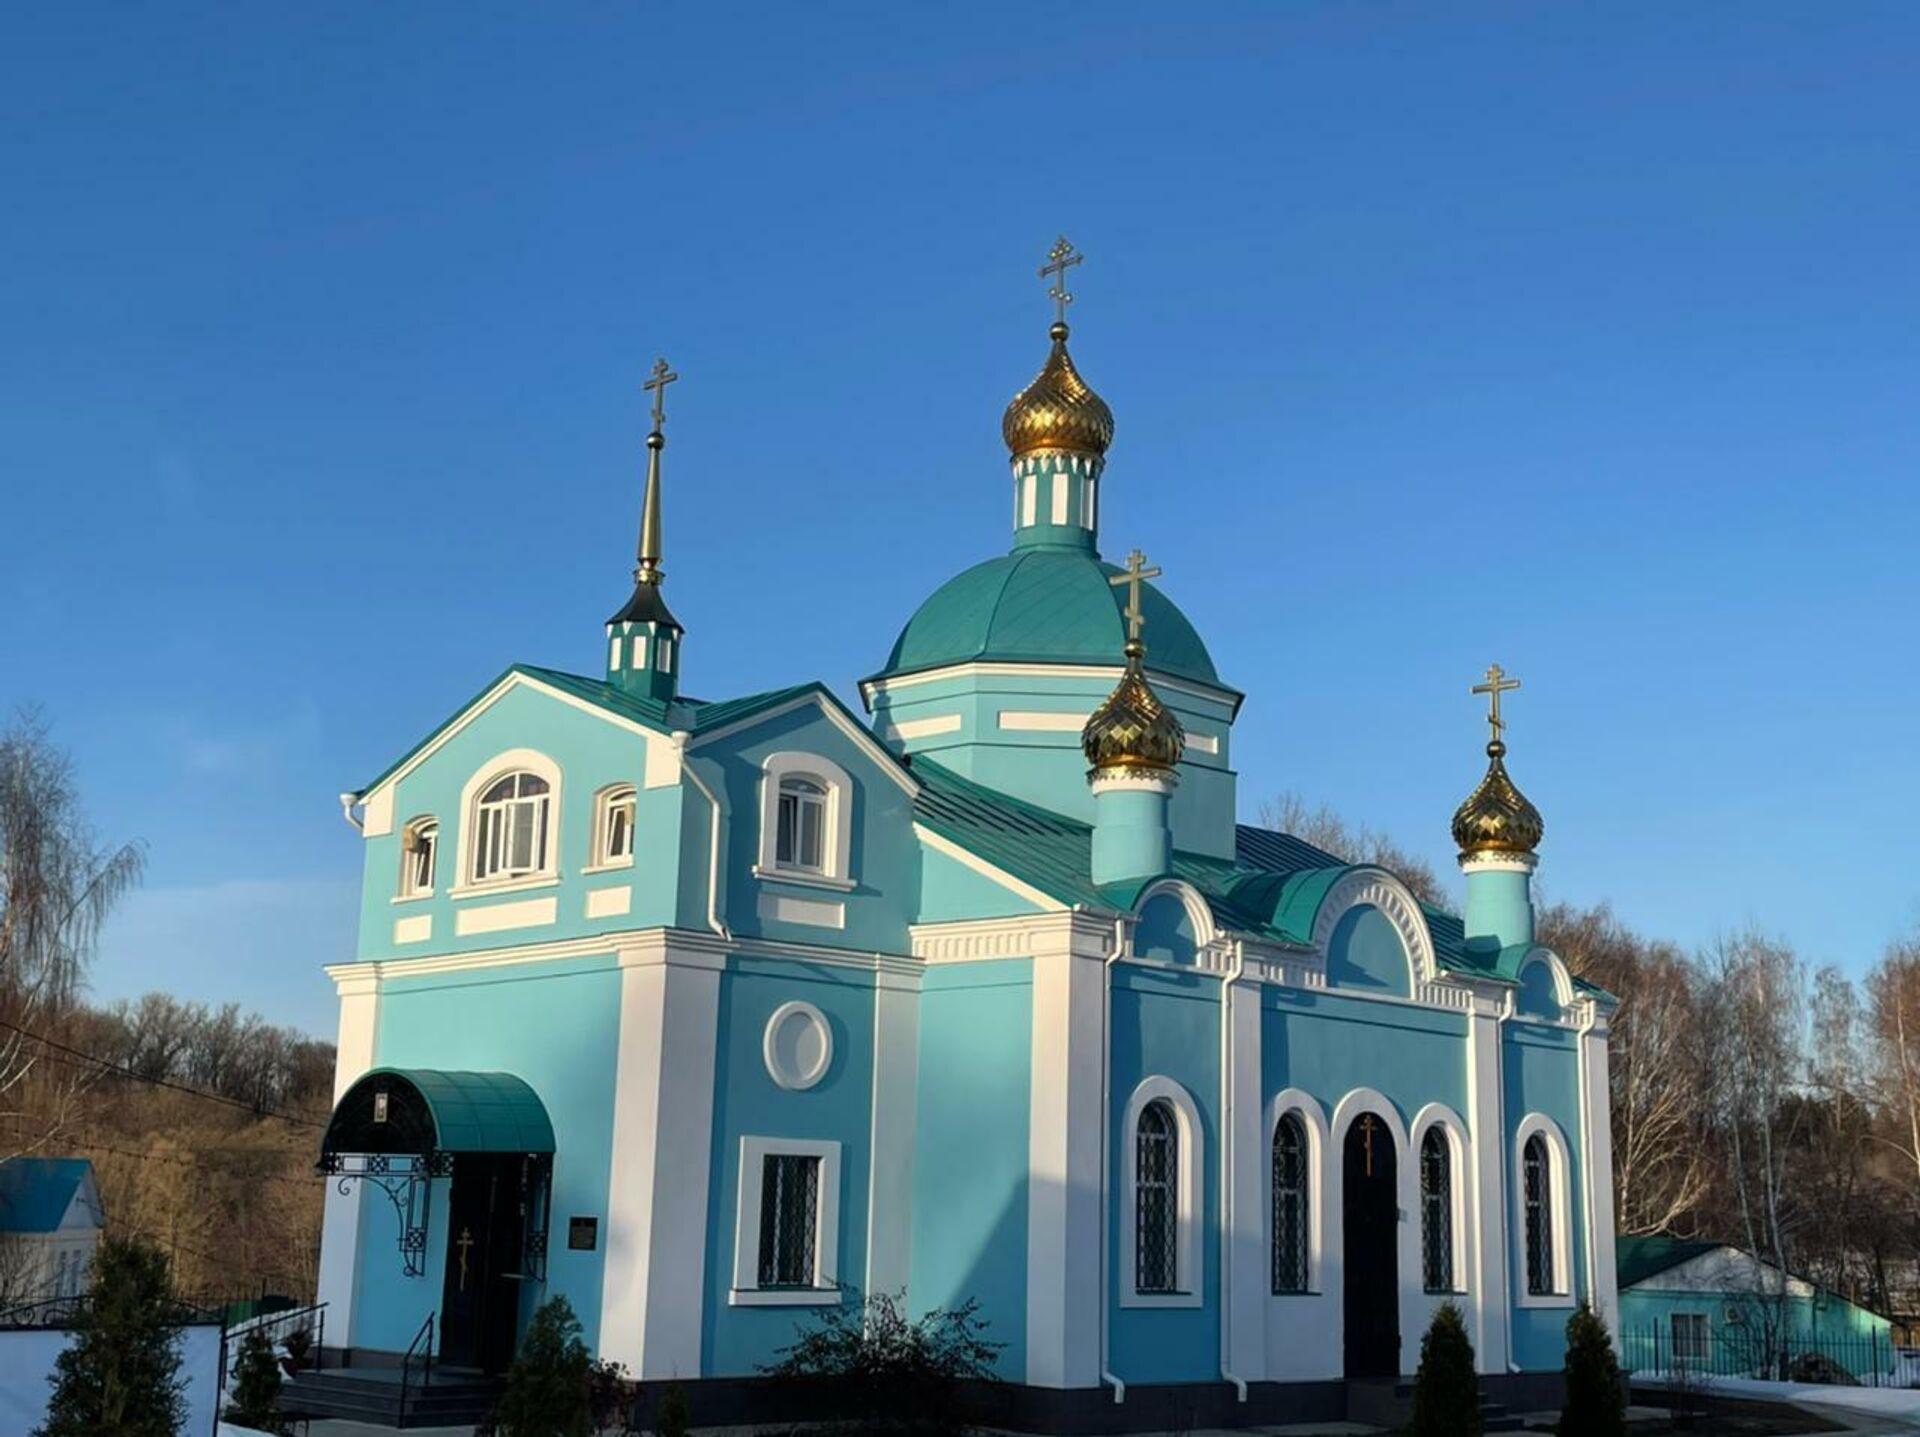 Церковь Иоанна Богослова - РИА Новости, 1920, 31.03.2021